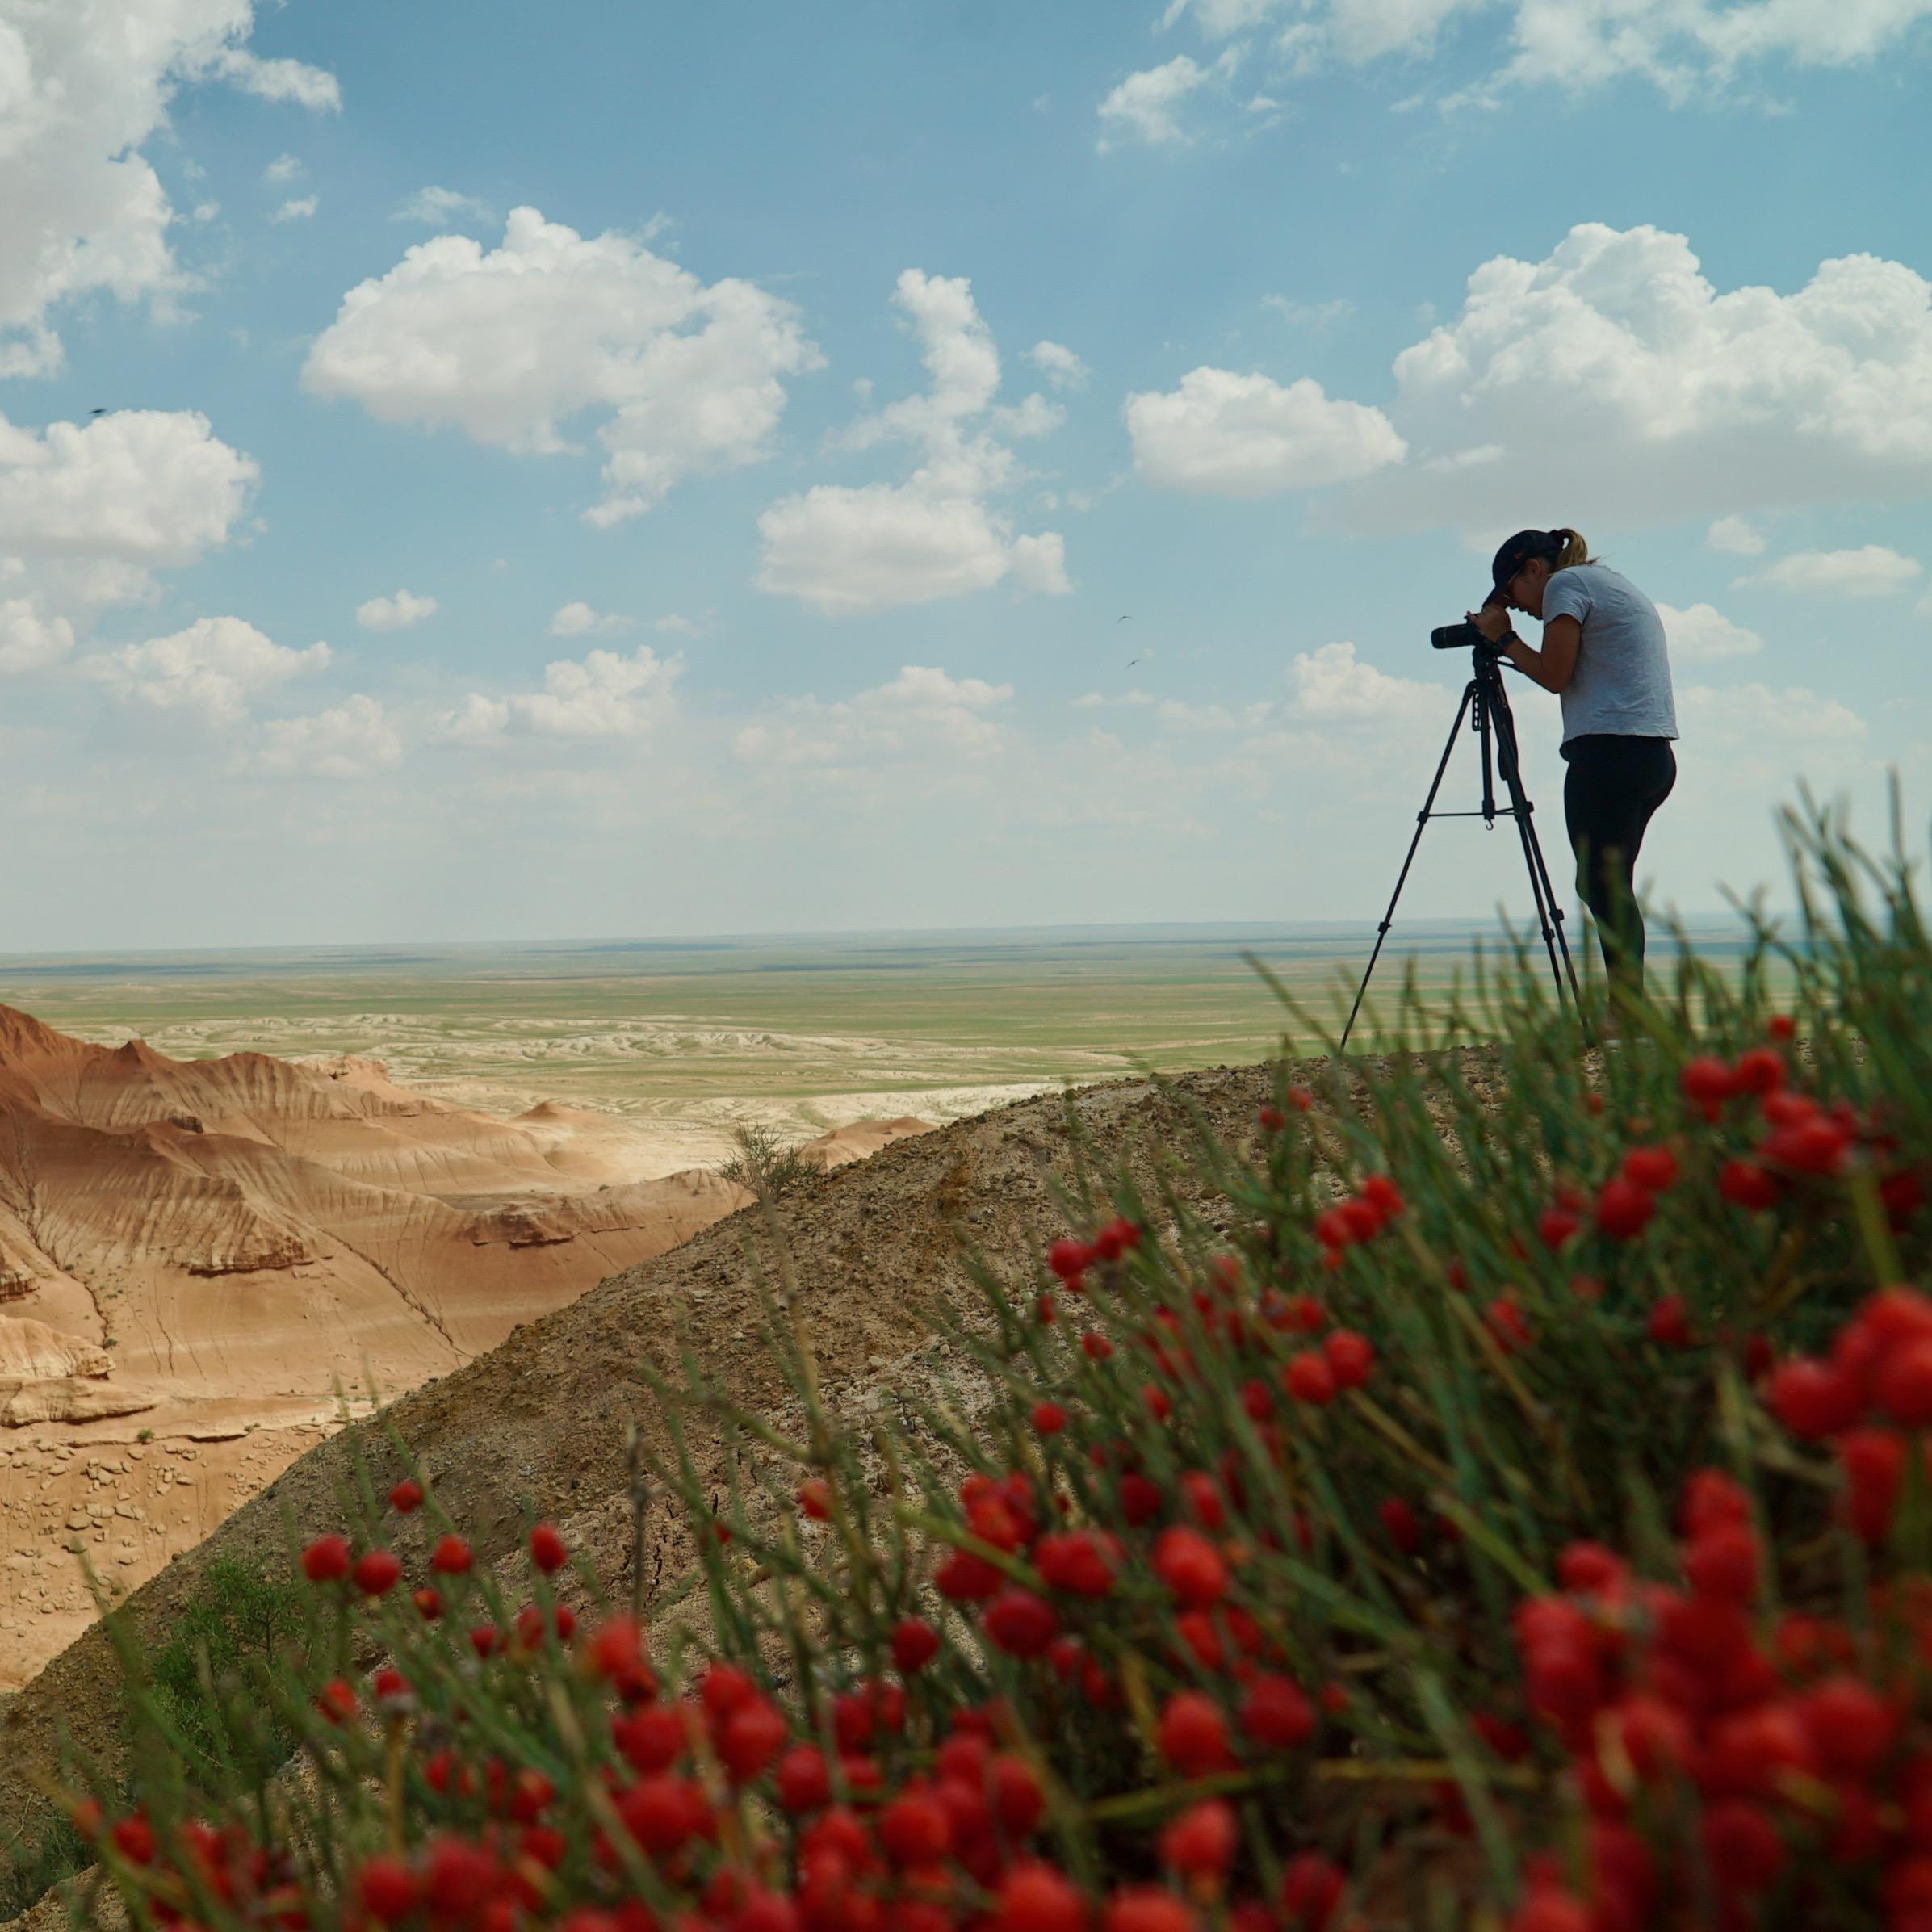 inner mongolia cover image